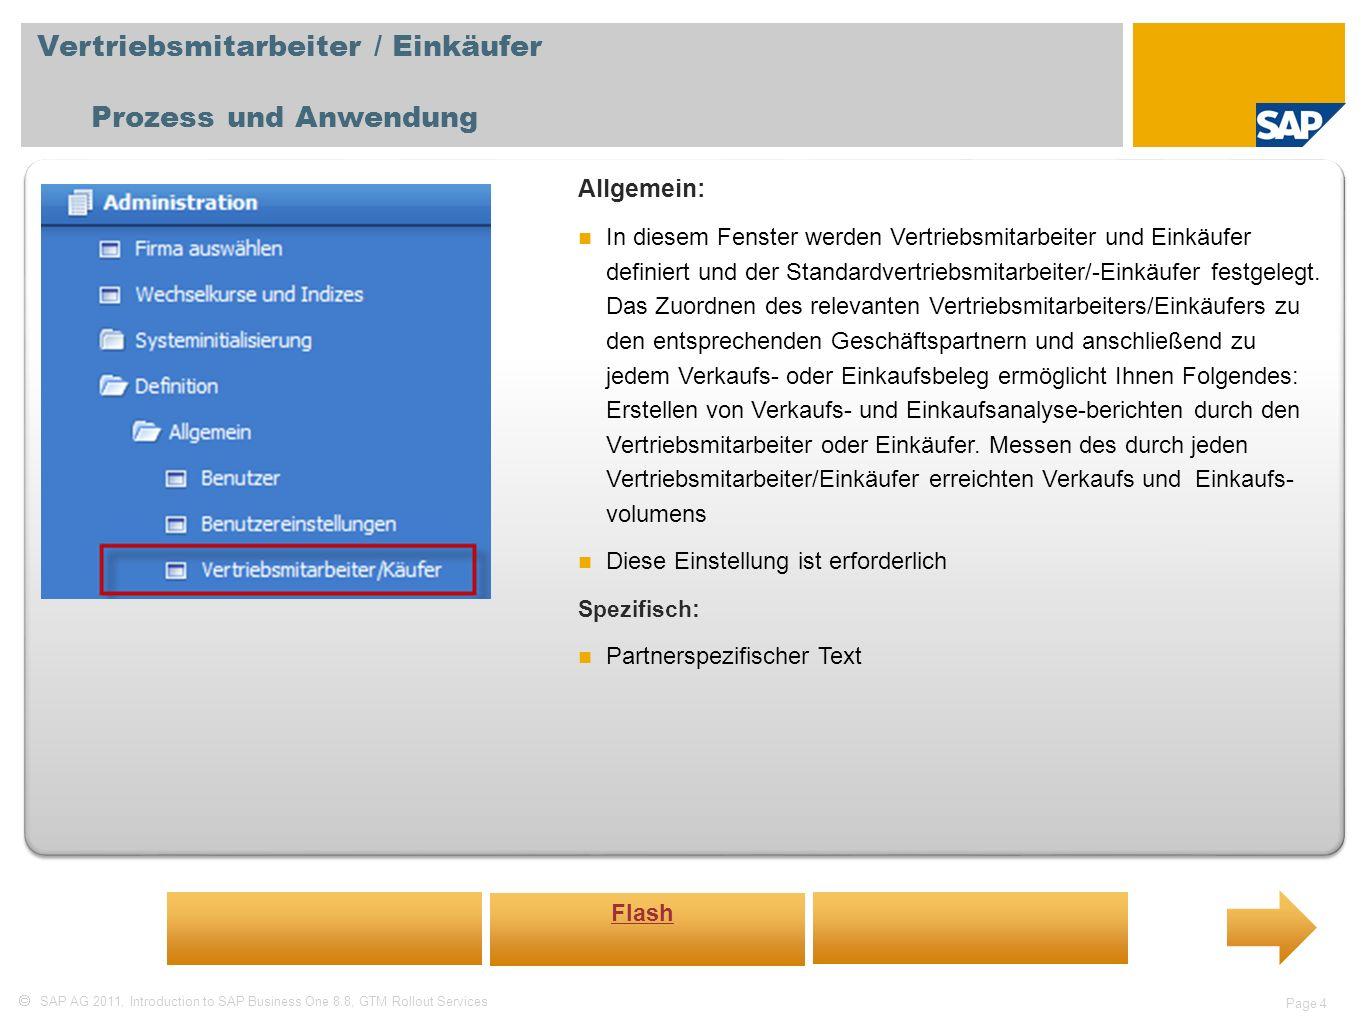 Vertriebsmitarbeiter / Einkäufer Prozess und Anwendung